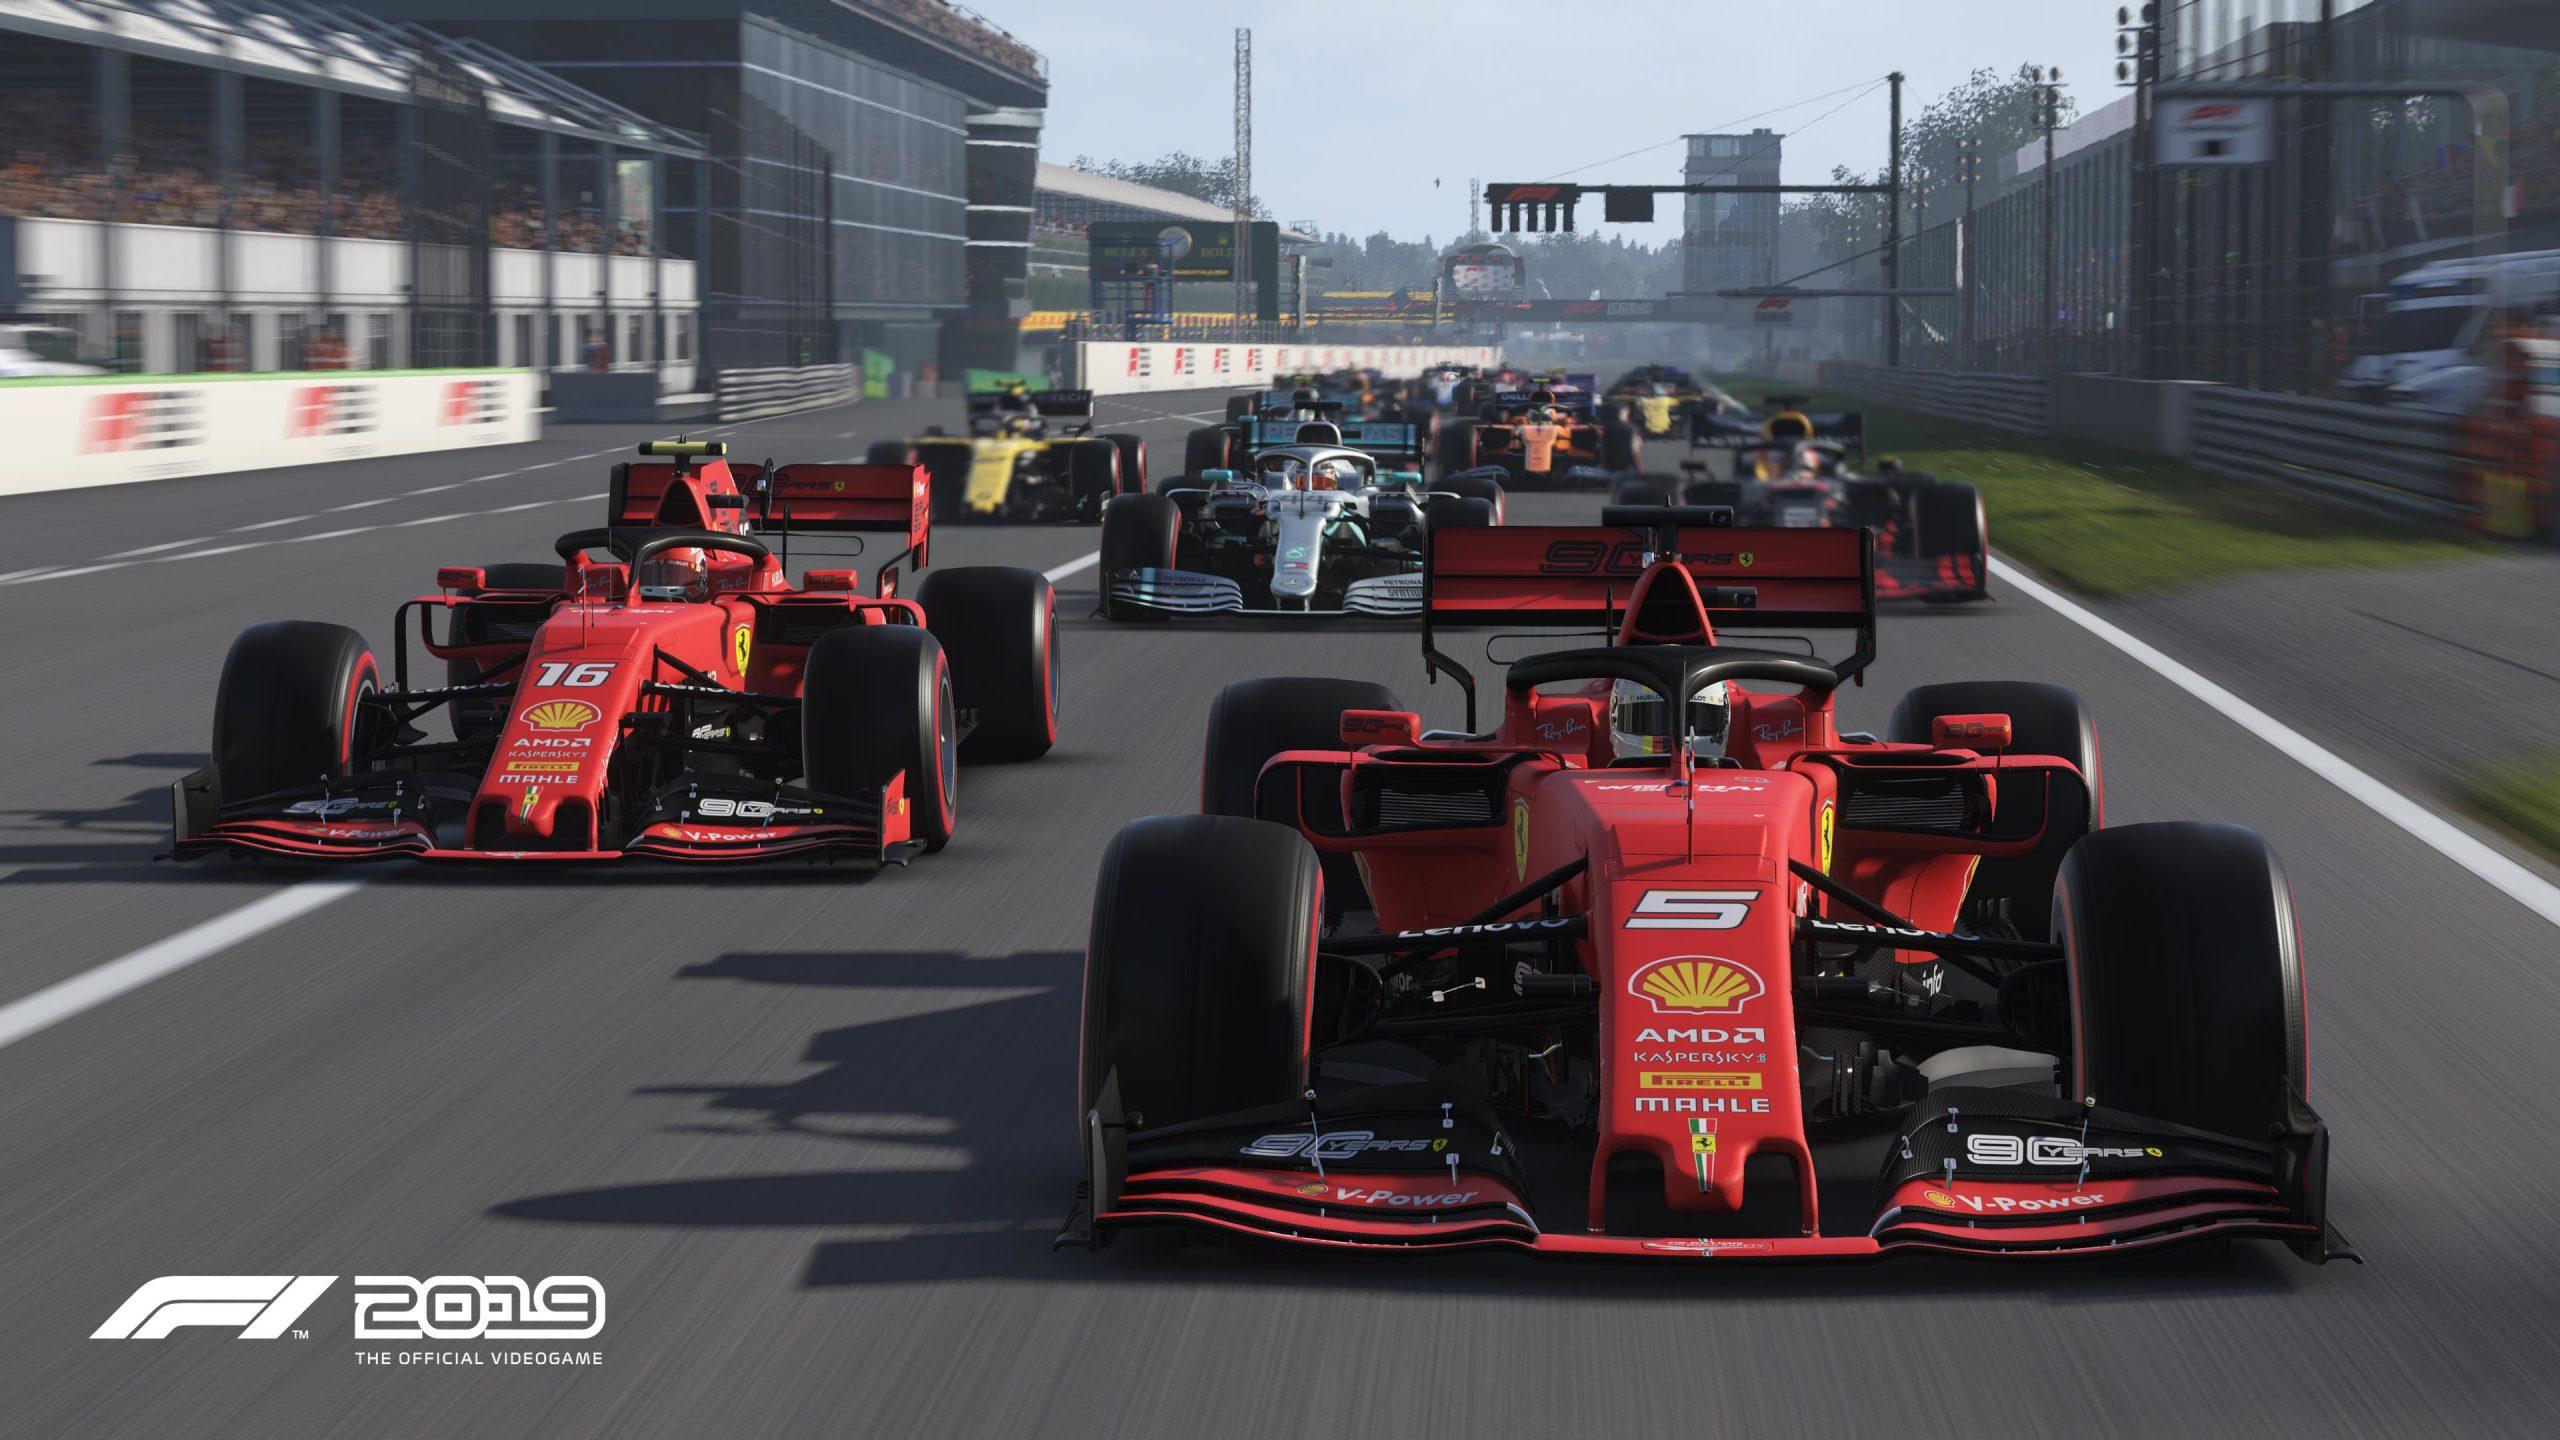 Virtual Grand Prix F1 2019